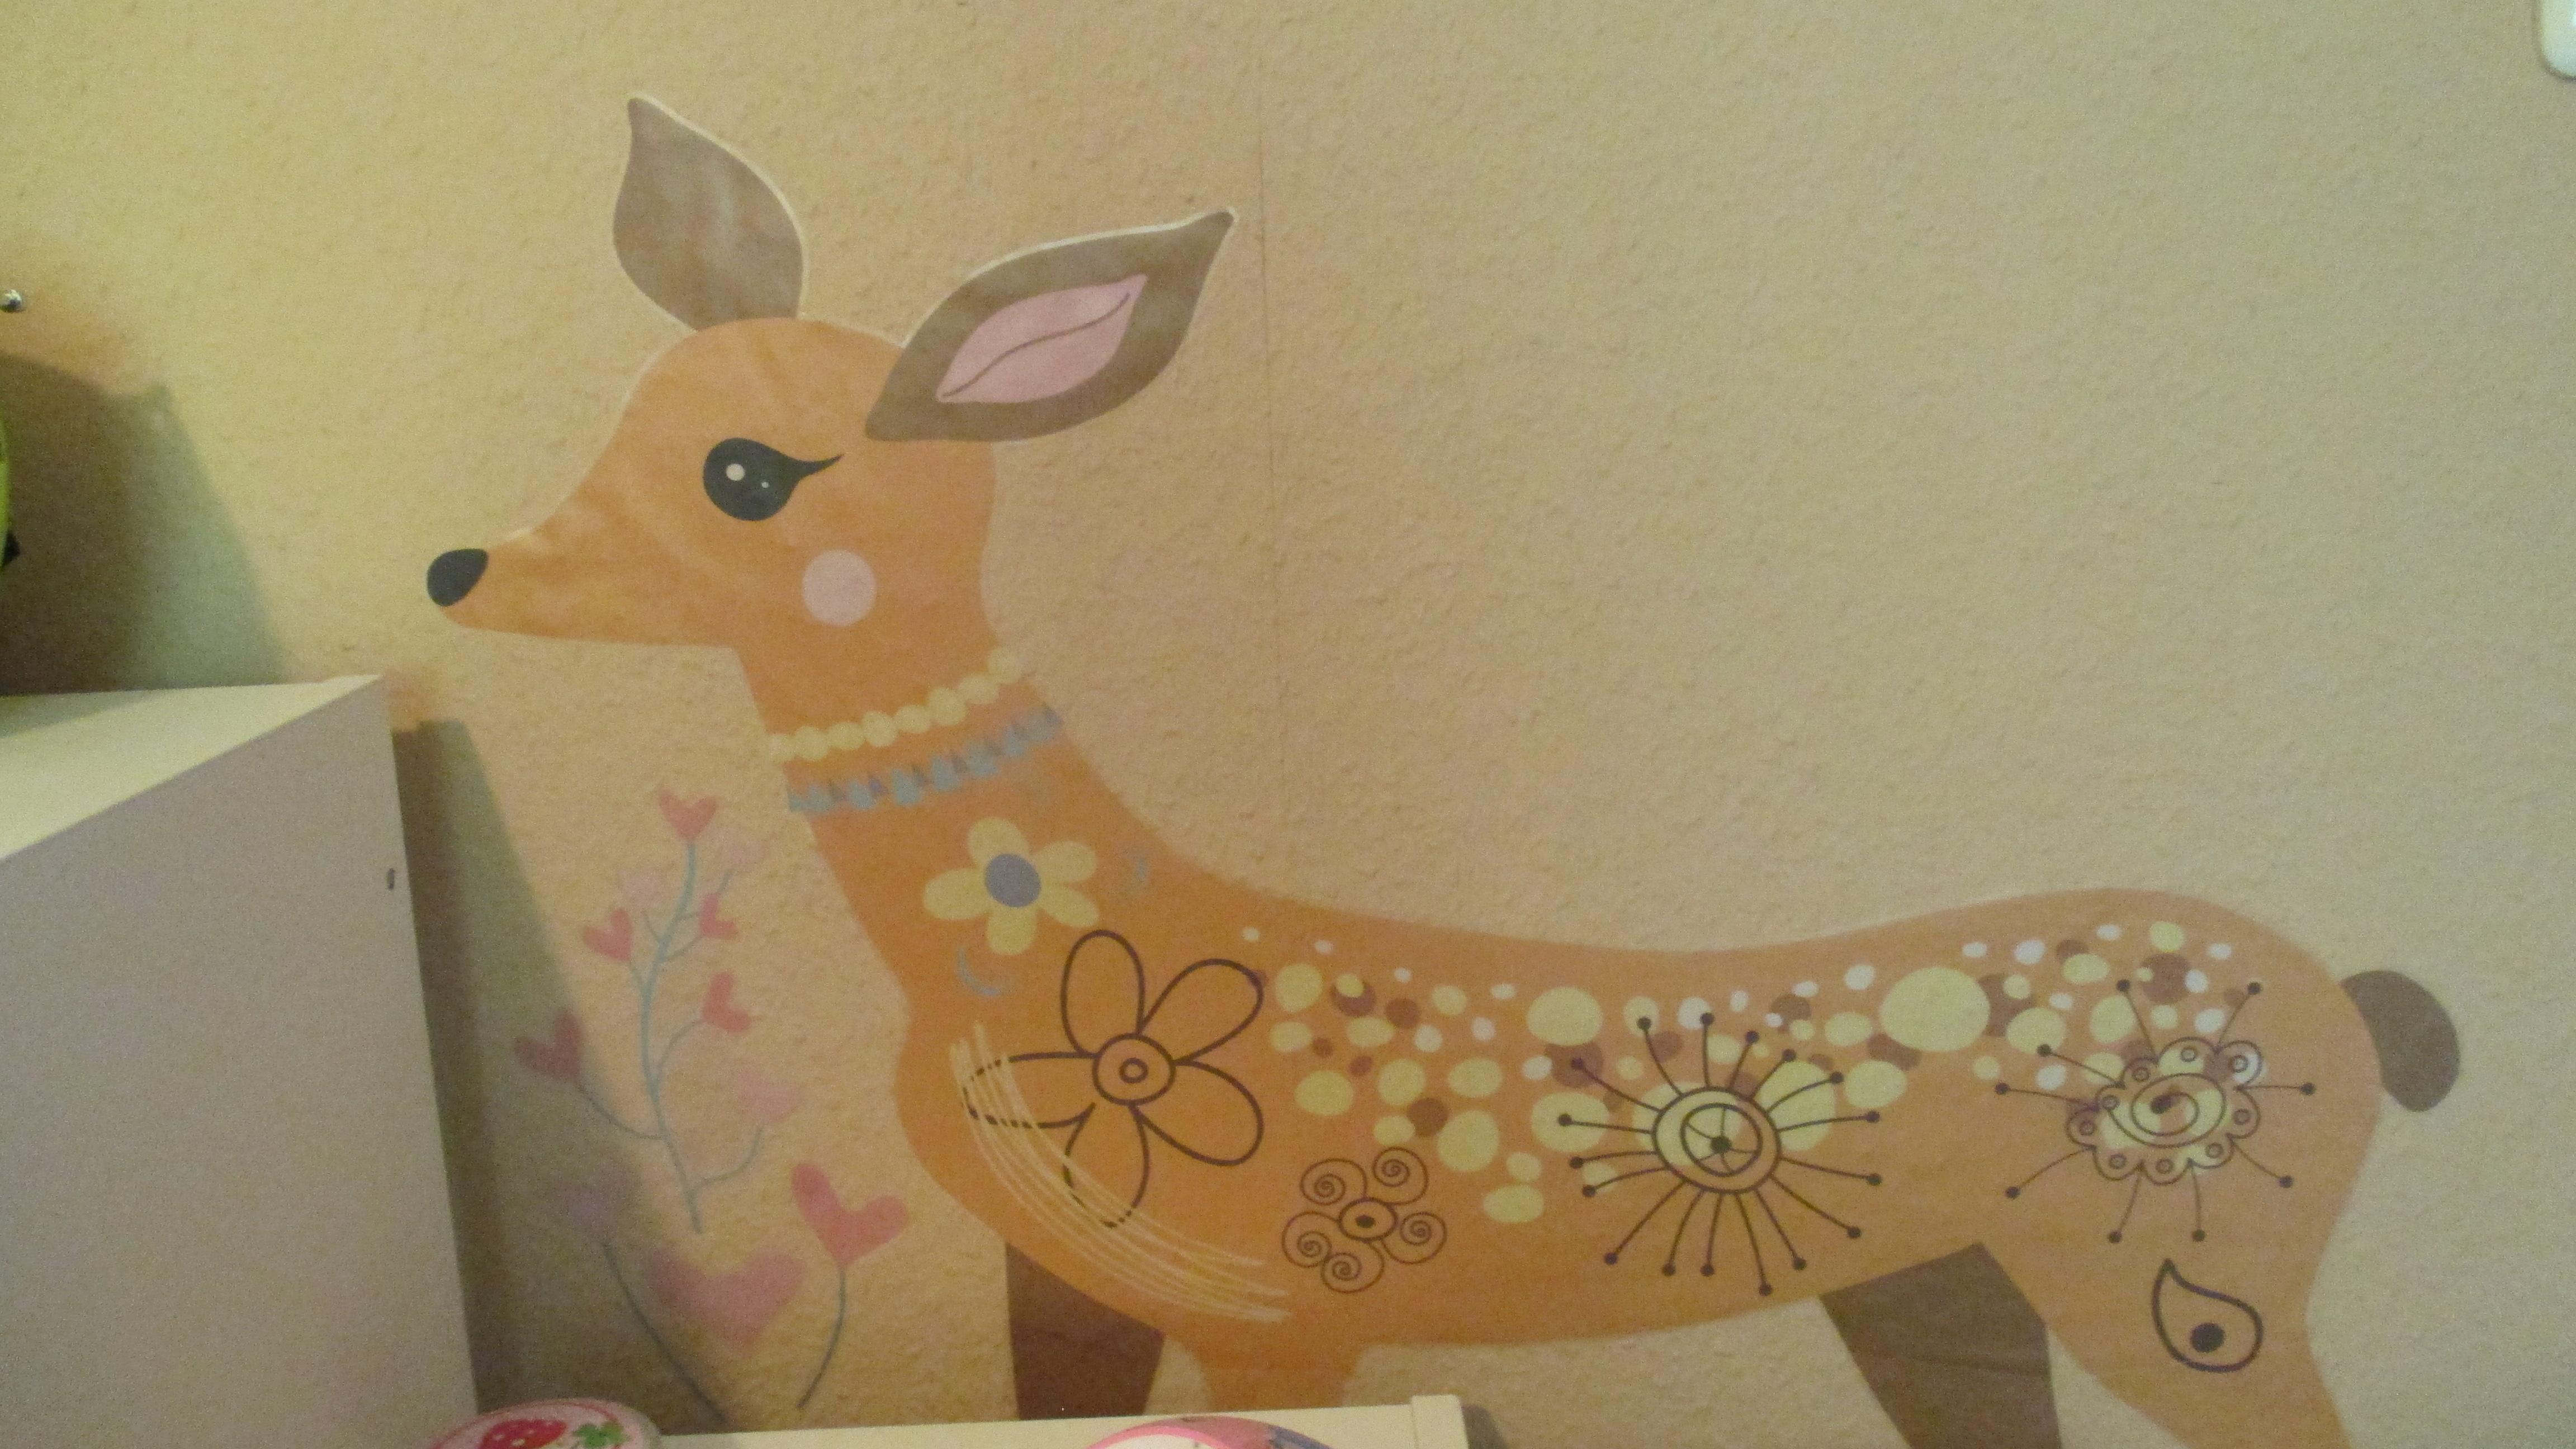 Kinderzimmer wandgestaltung giraffe  Kinderzimmer-Verschönerung | Wandgestaltung | Dekoideen ...